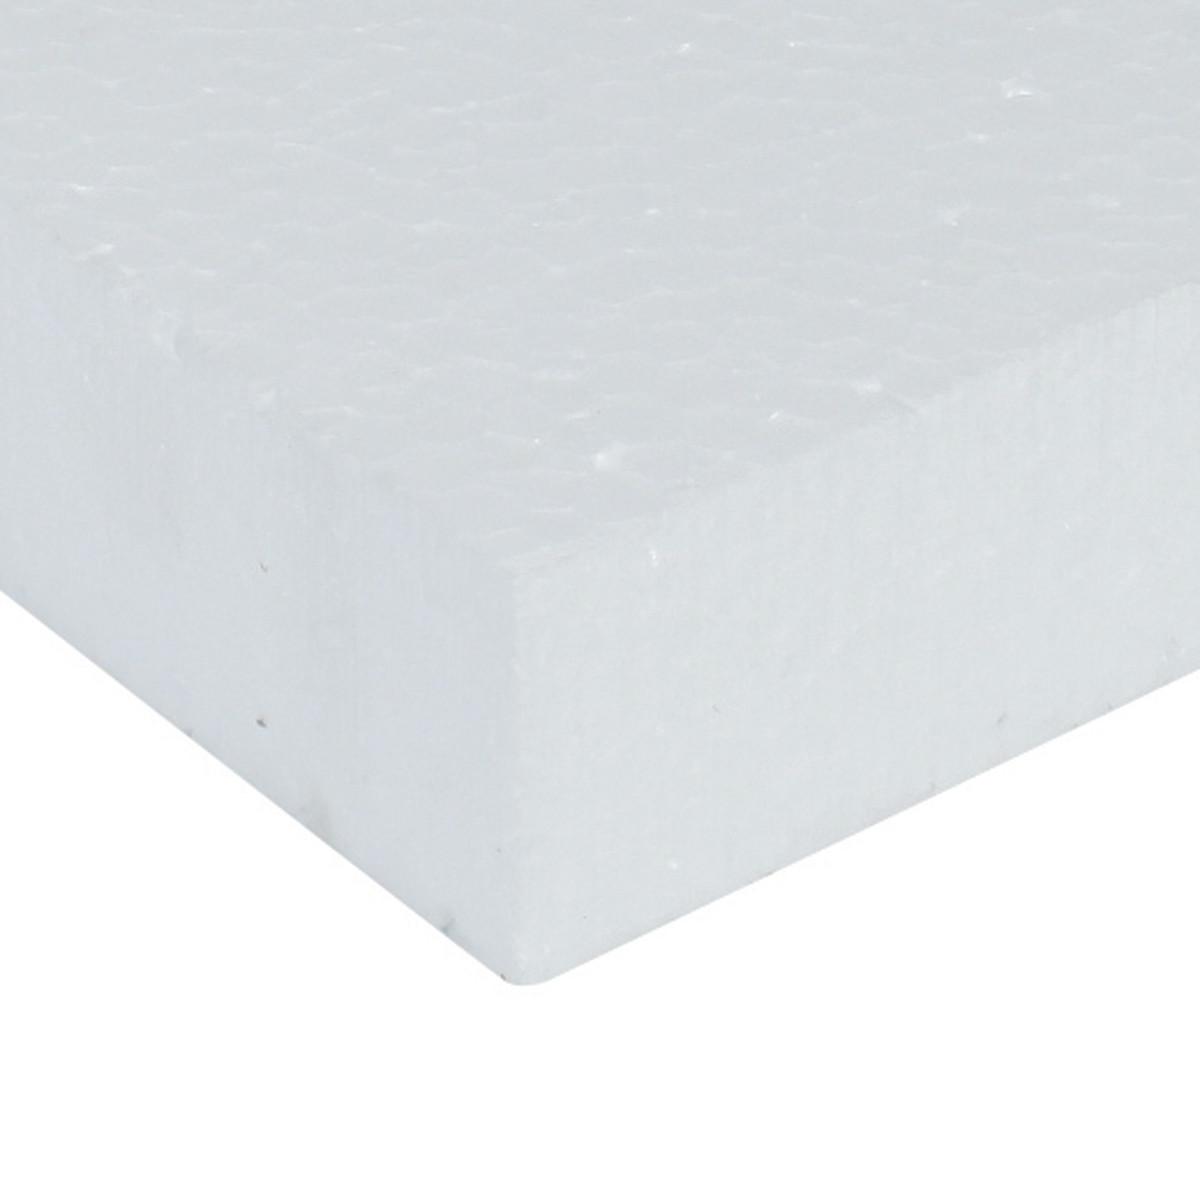 Idee orto recinto - Pannelli isolanti termici ...